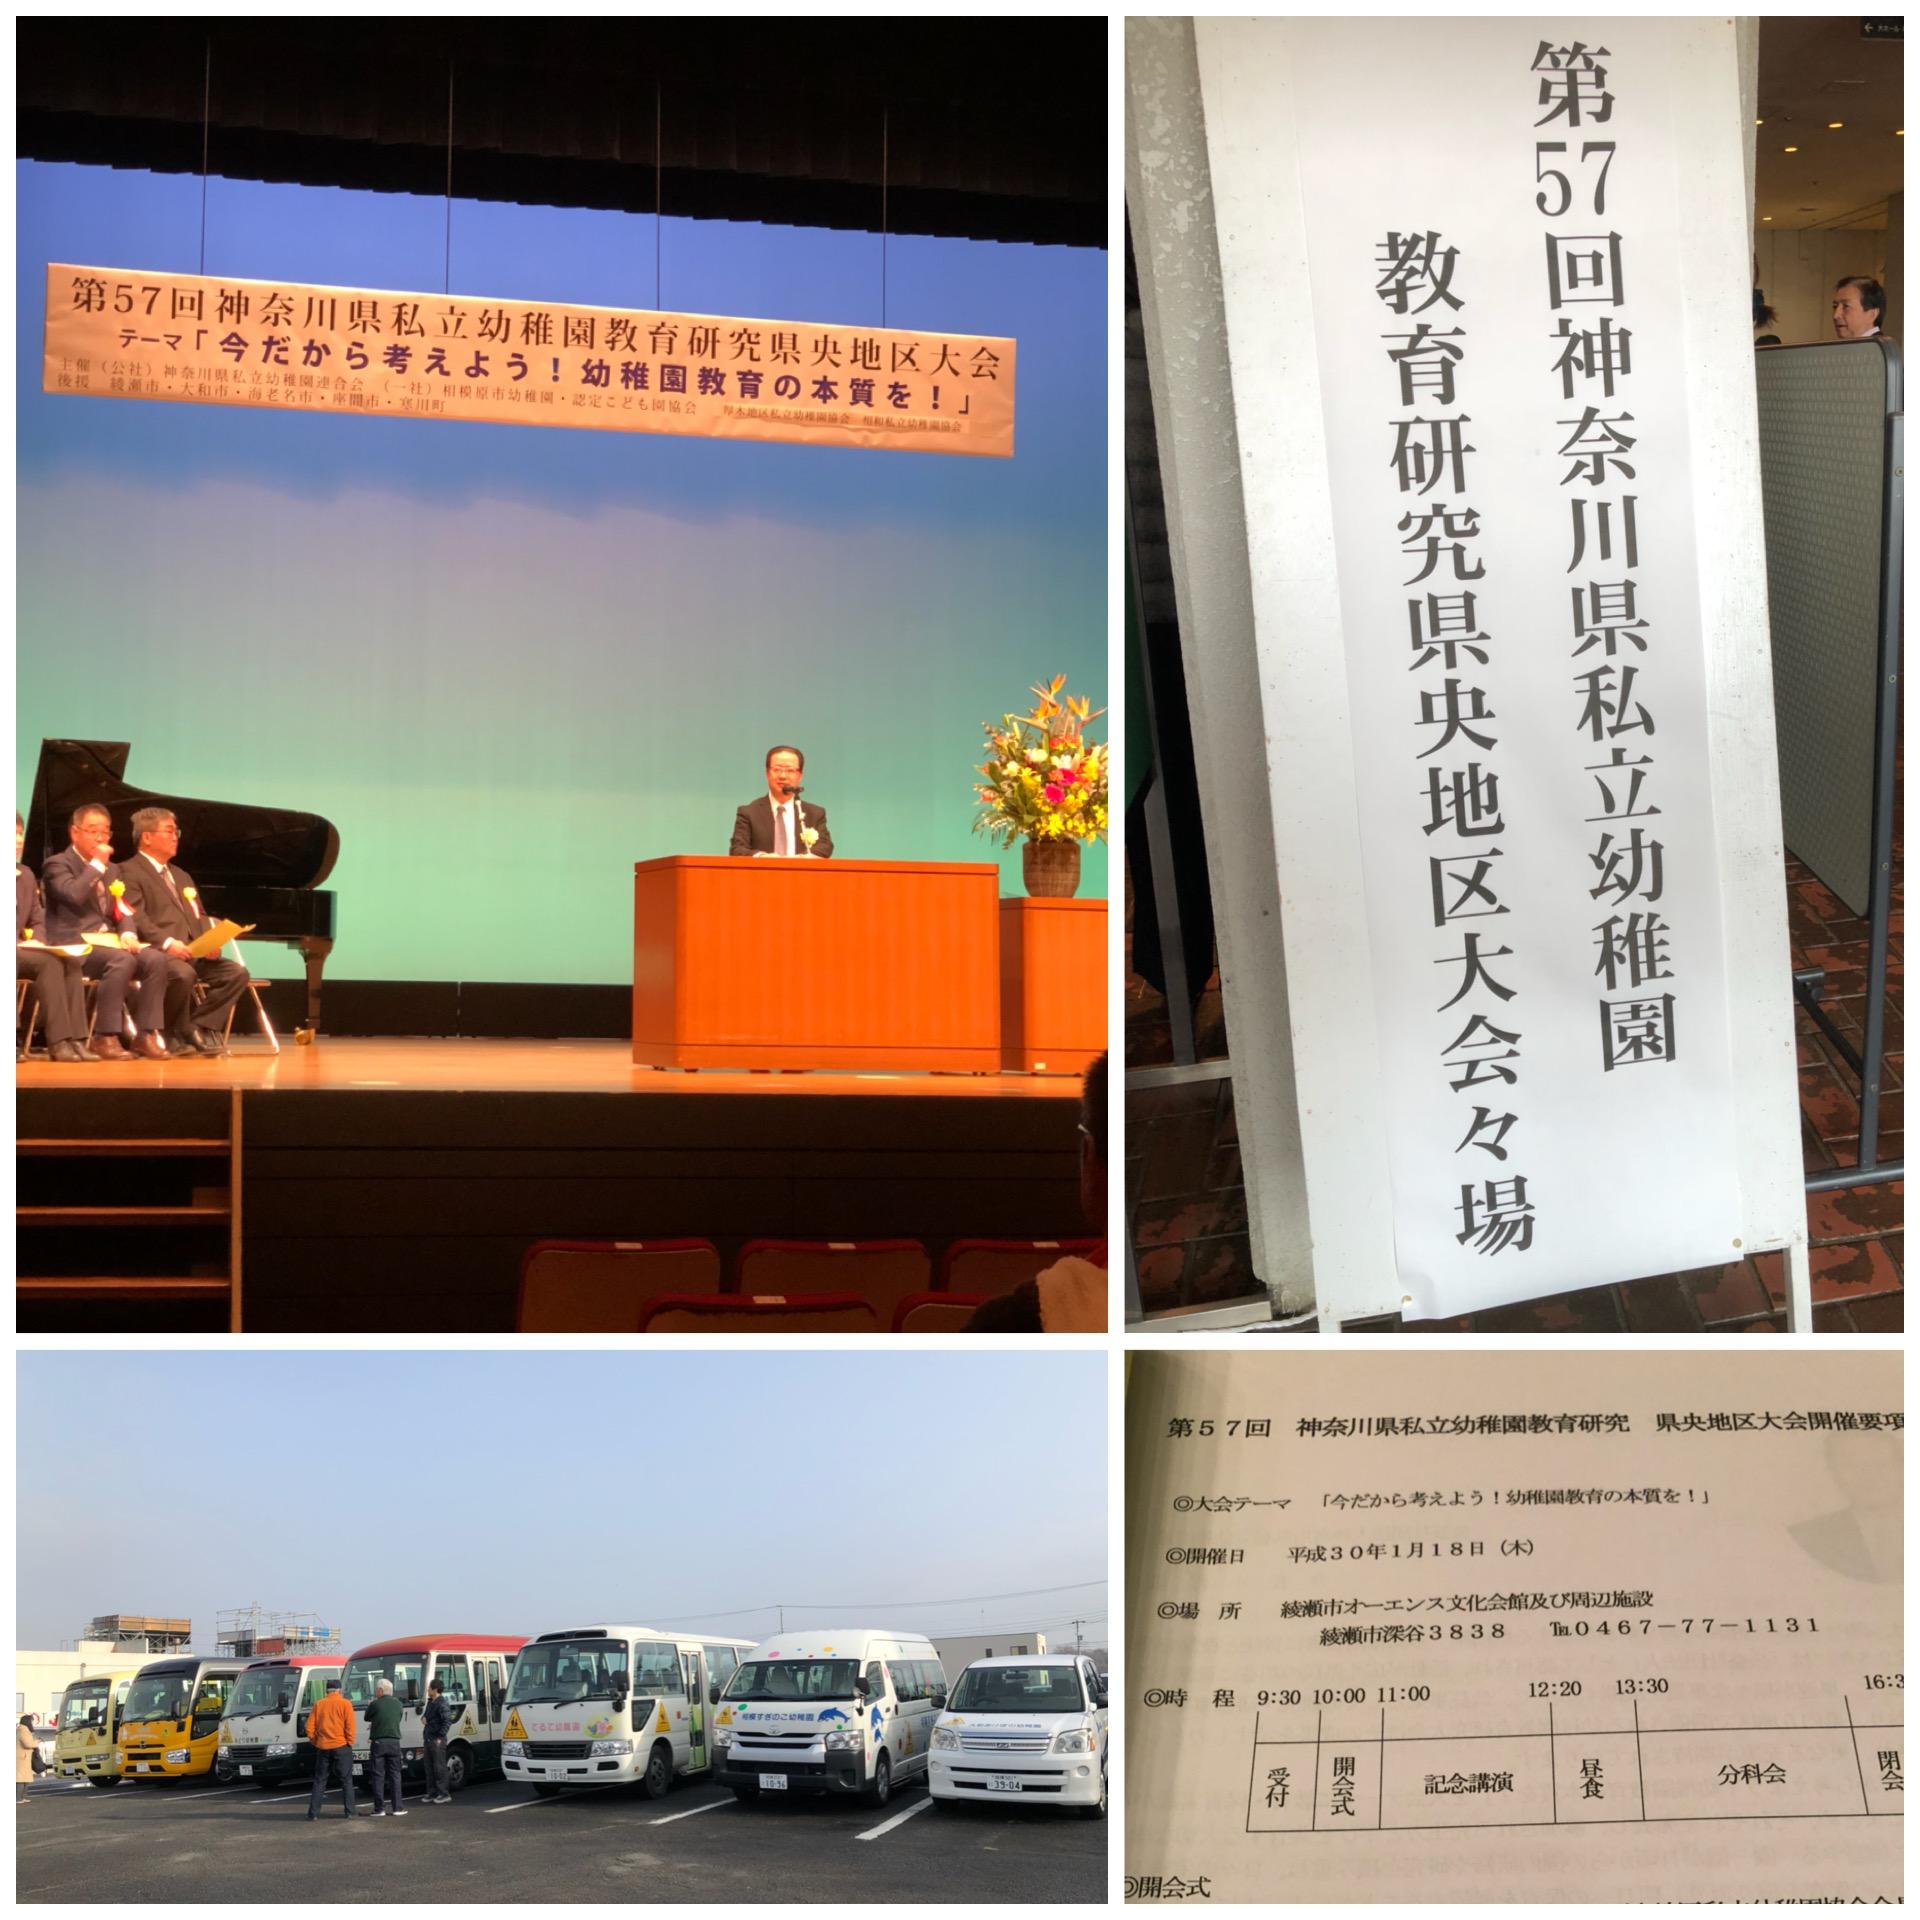 第57回神奈川県私立幼稚園教育研究大会